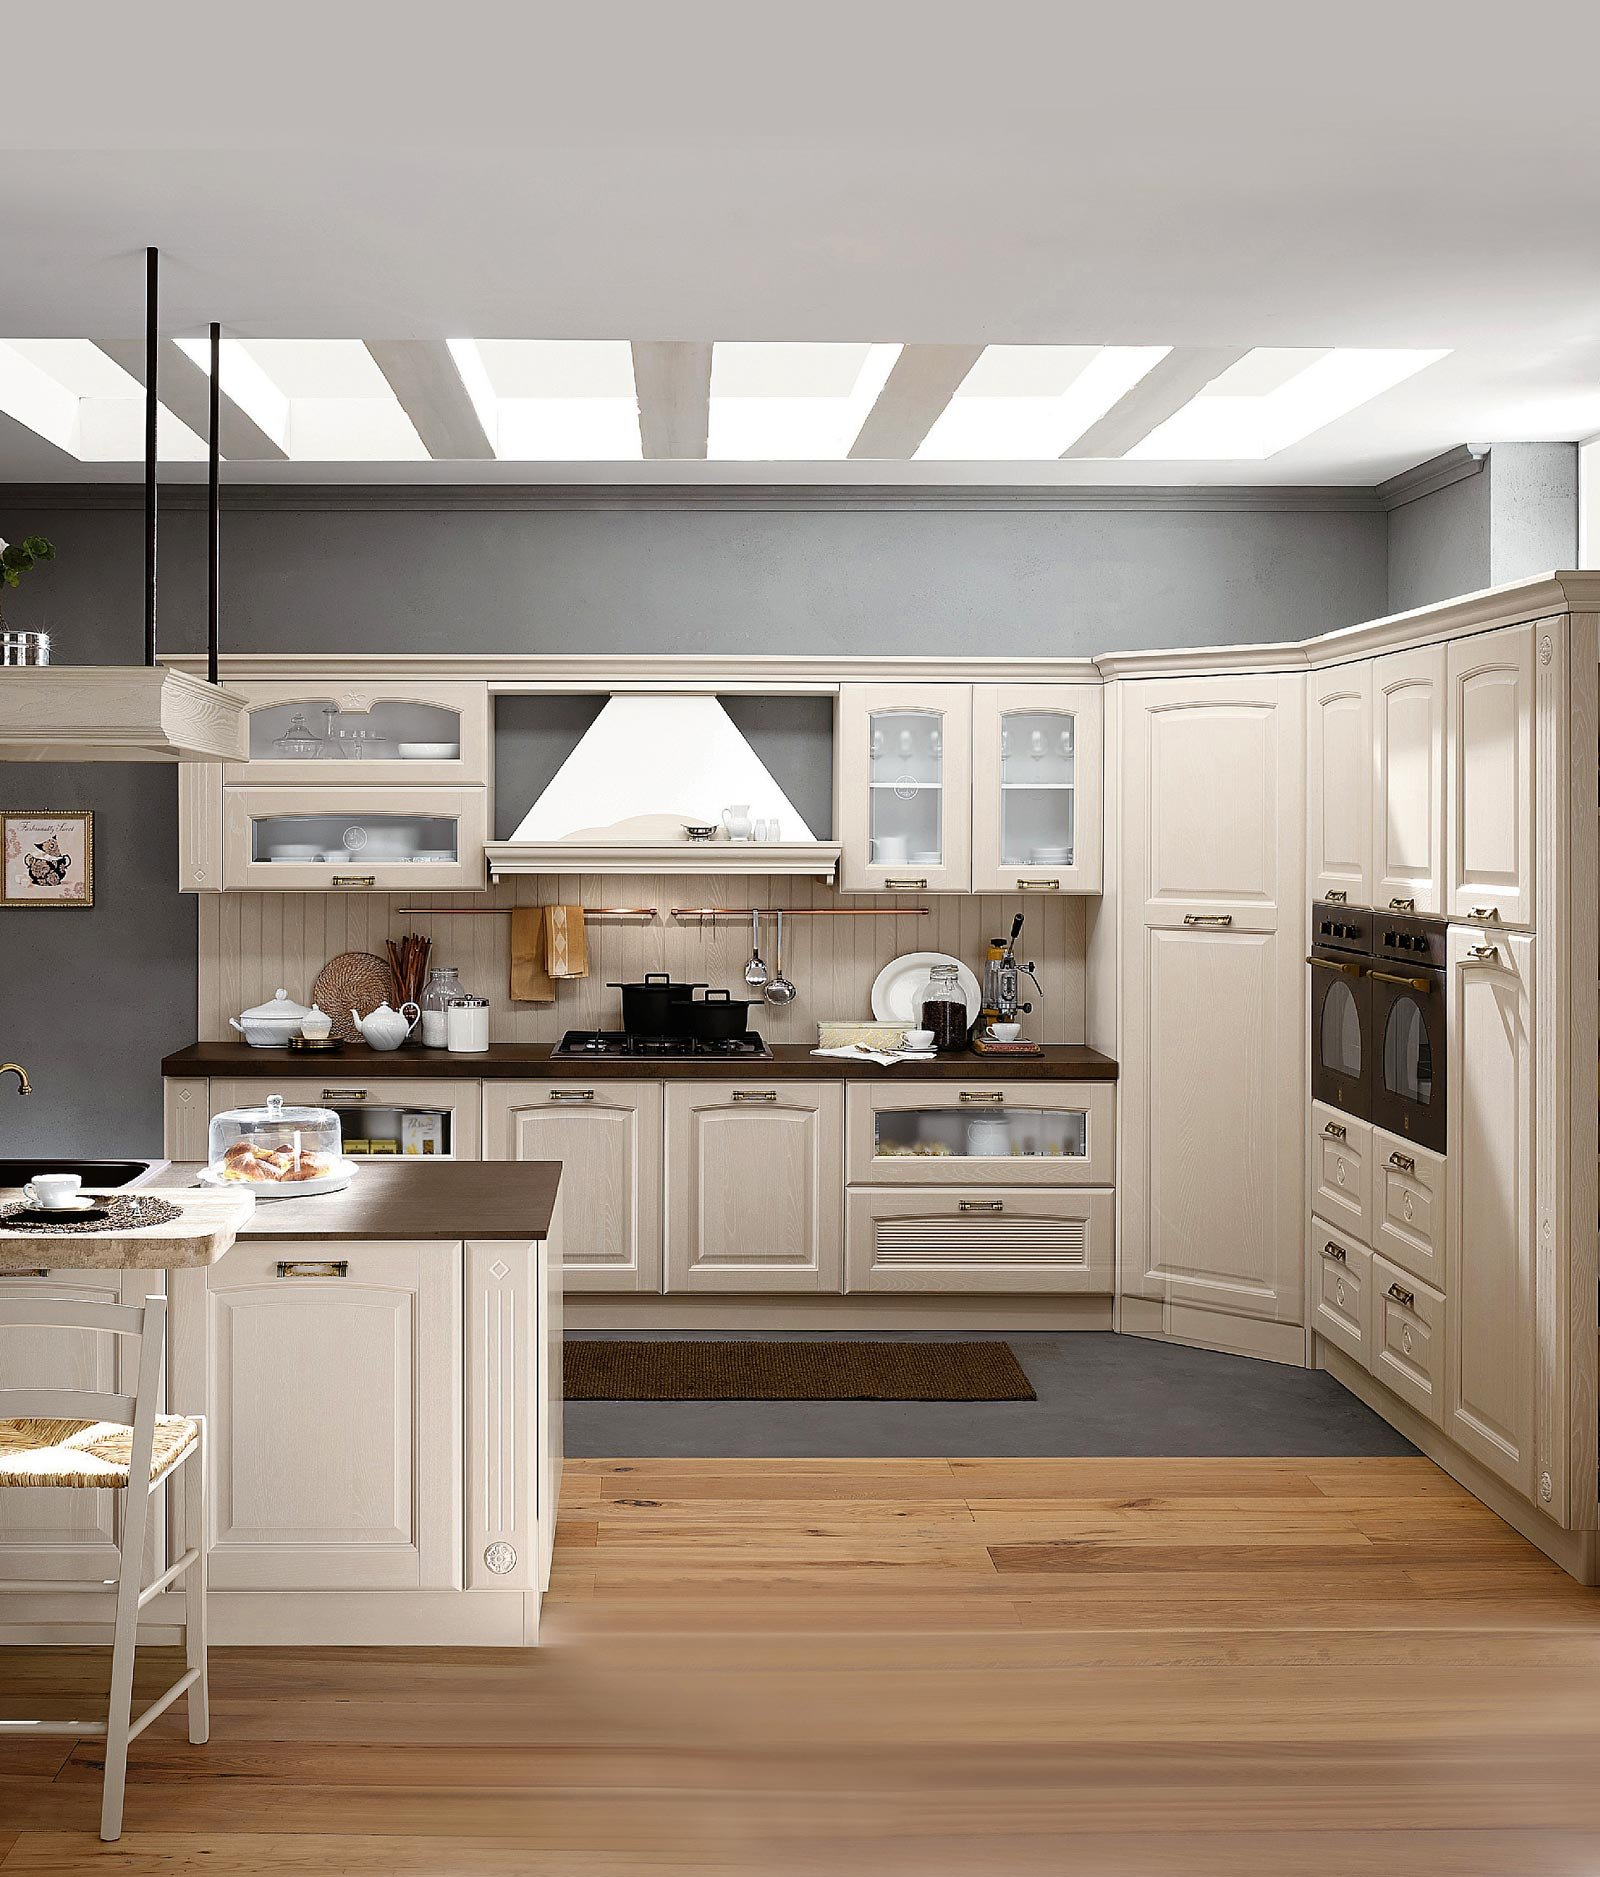 Idee per realizzare tappeto cucina - Cucine moderne scure ...